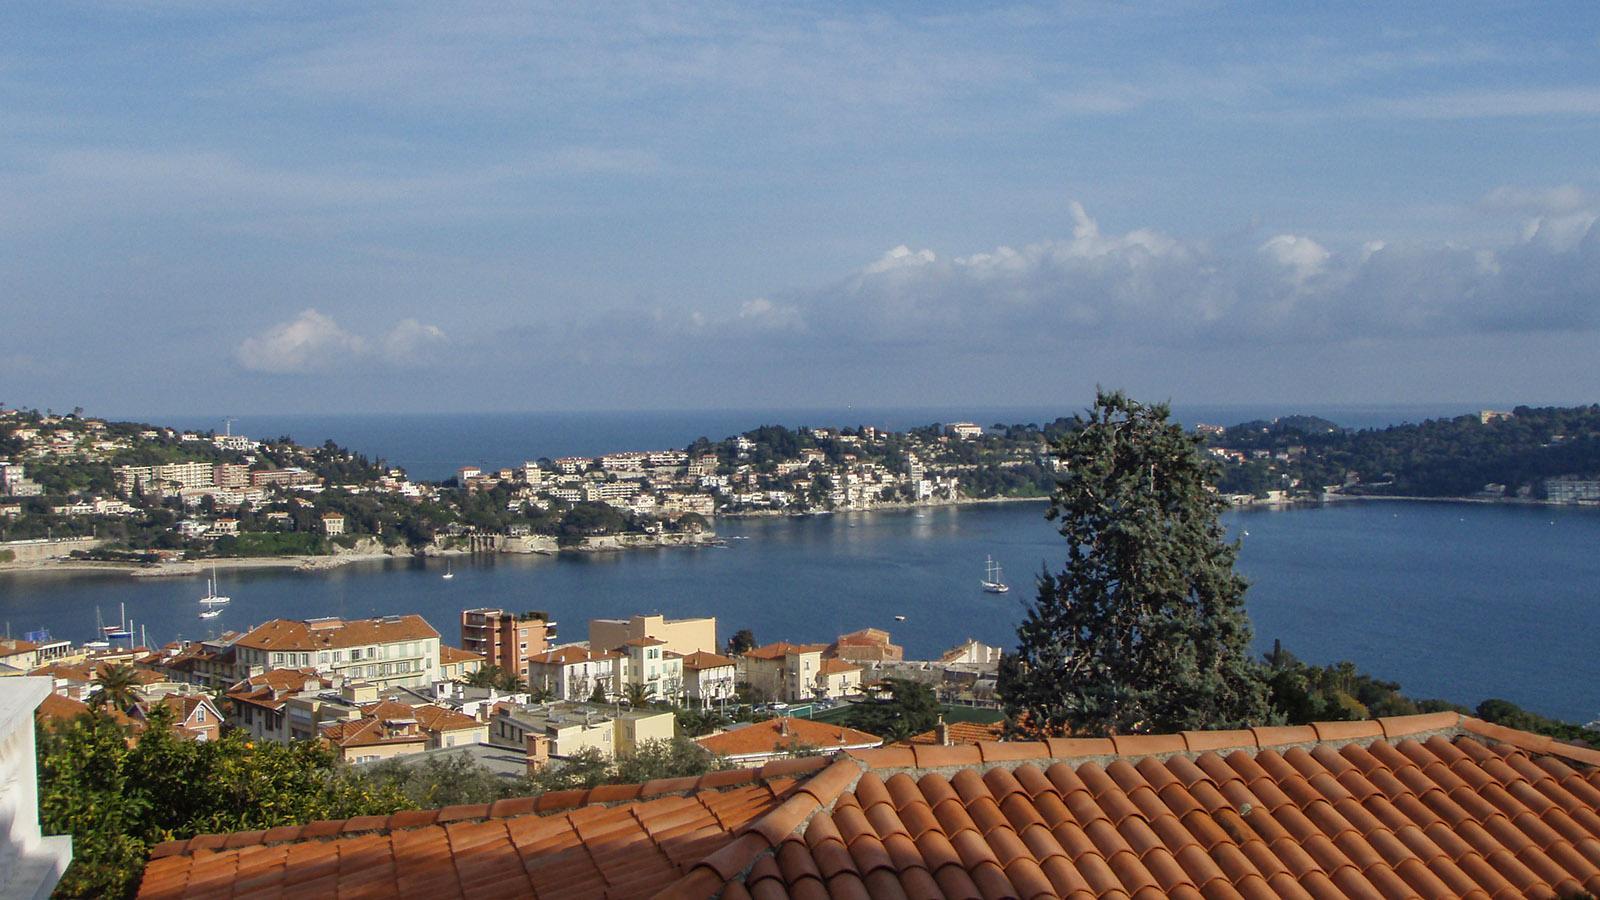 Die Aussicht von meinem Appartement auf Villefranche-sur-Mer- Foto: Kerstin Gorges.